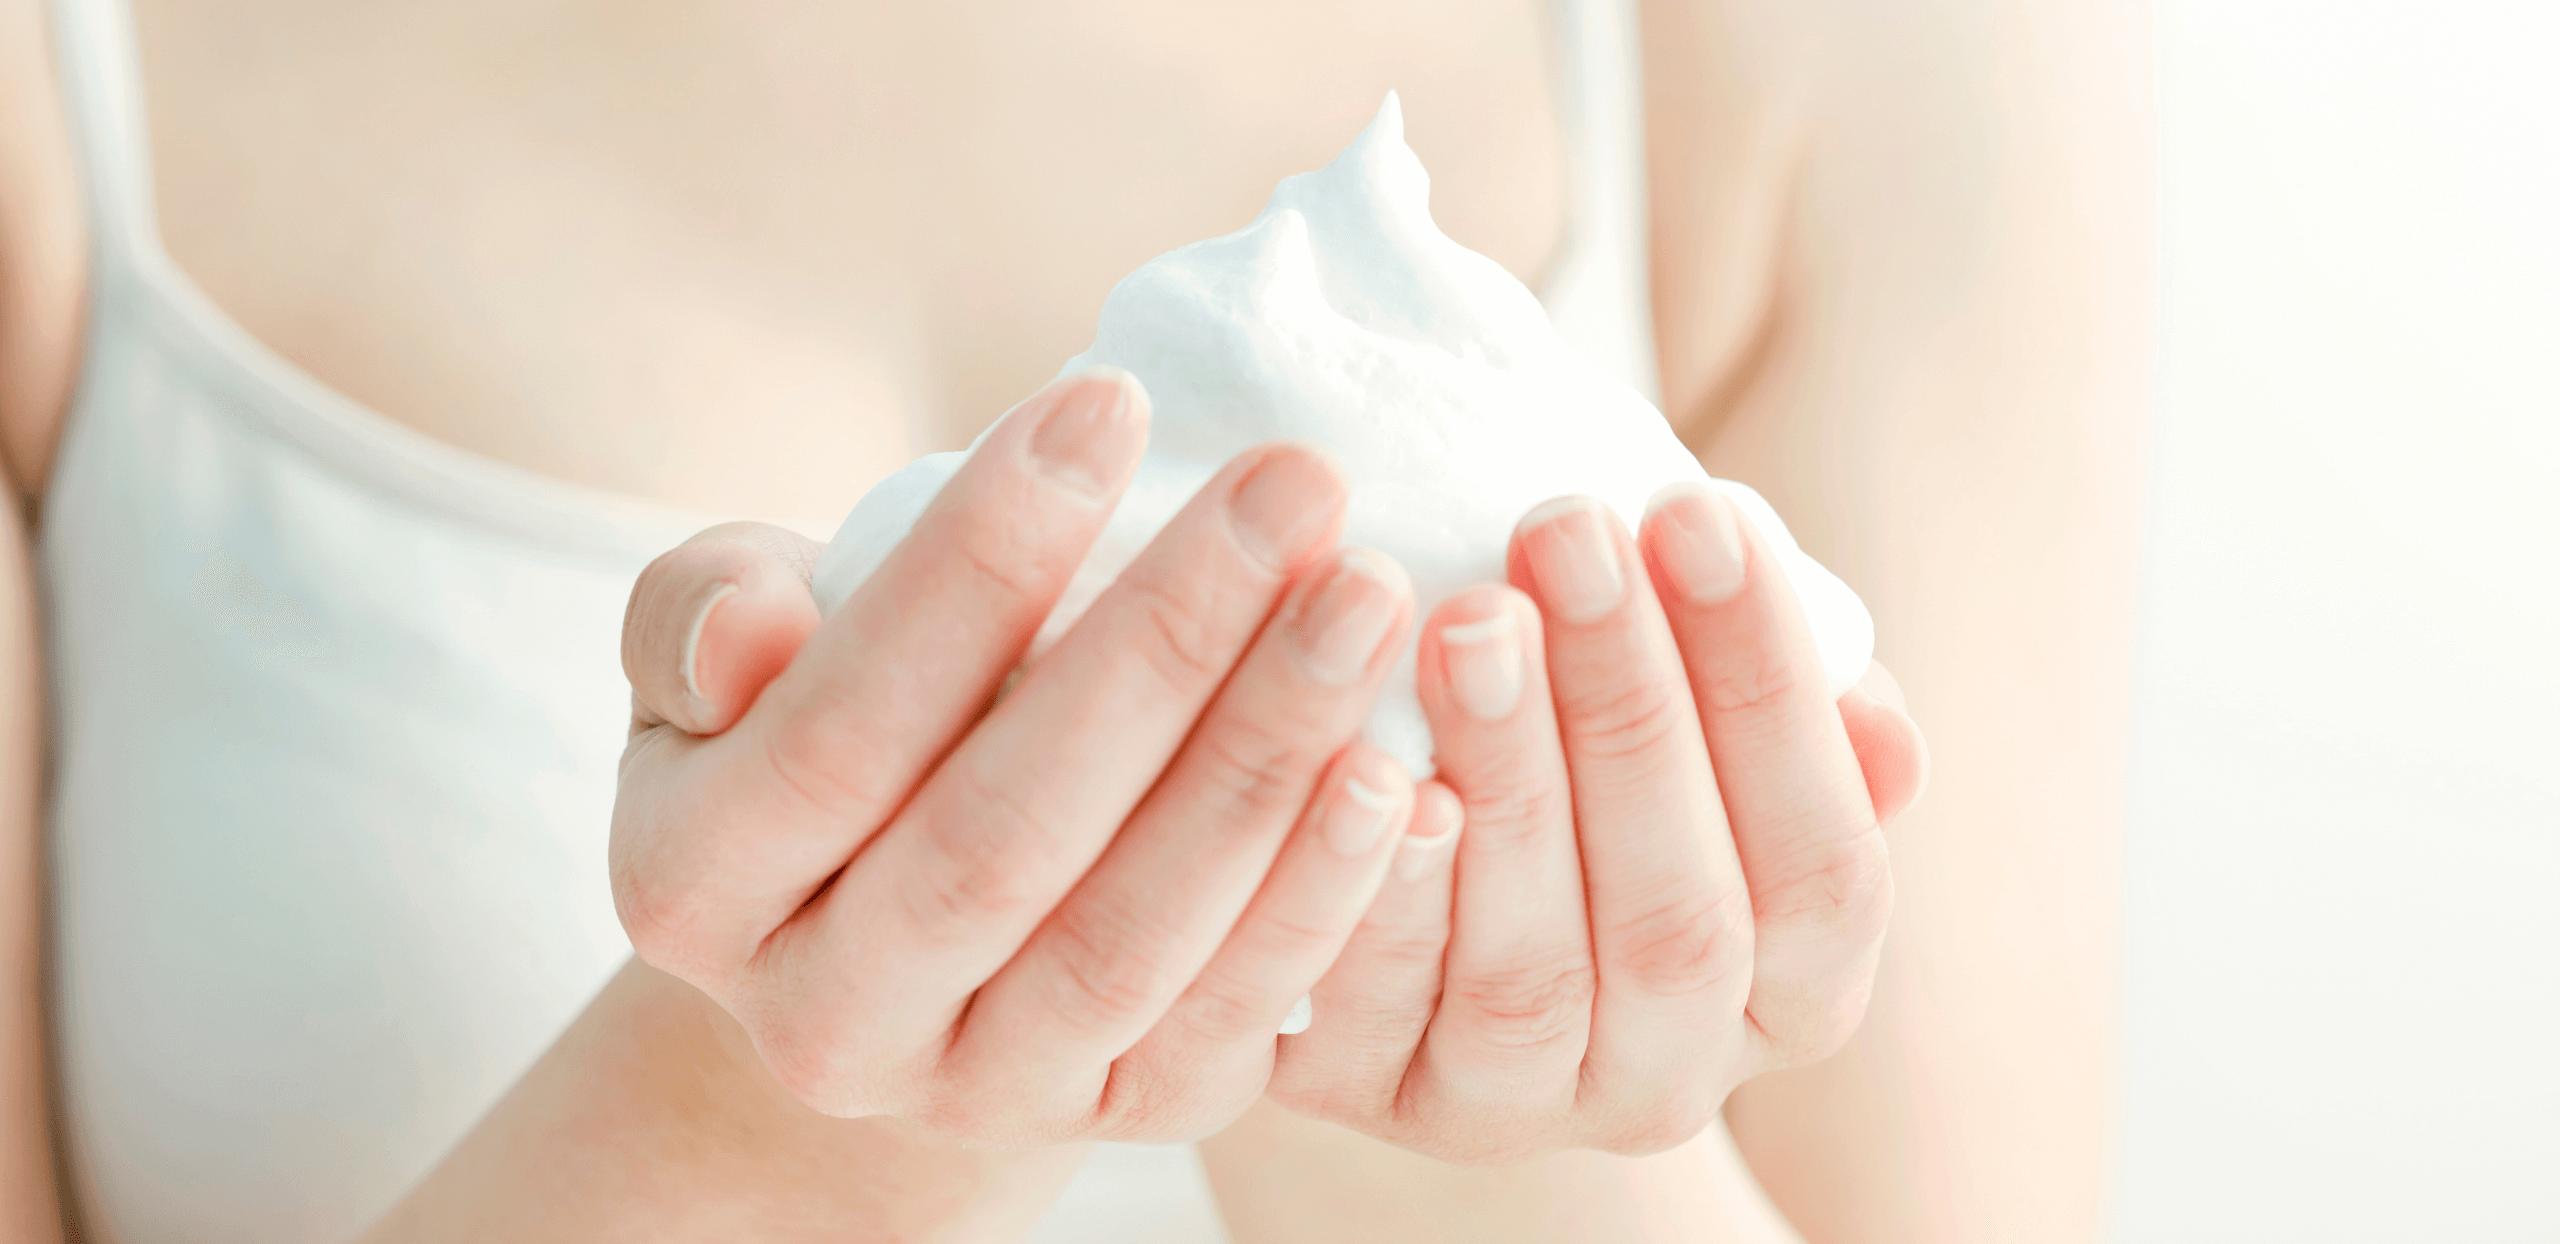 【ニキビ肌専用スキンケア】泡を乗せるように洗顔